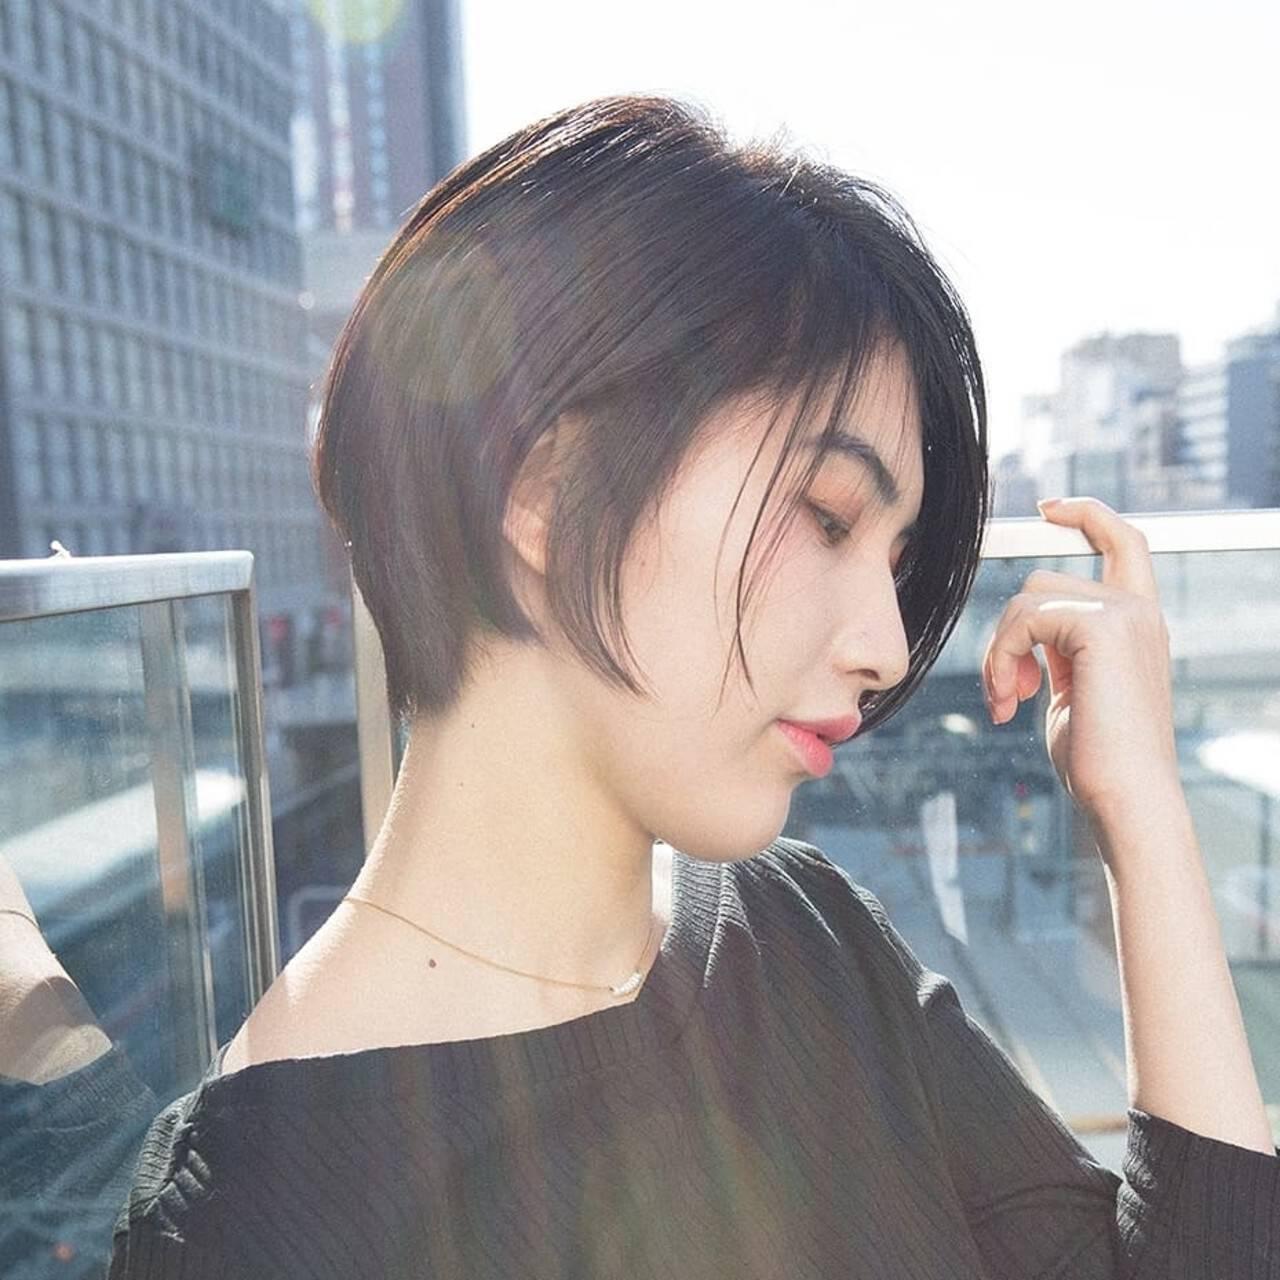 似合わせカット モード グラボブ PEEK-A-BOOヘアスタイルや髪型の写真・画像